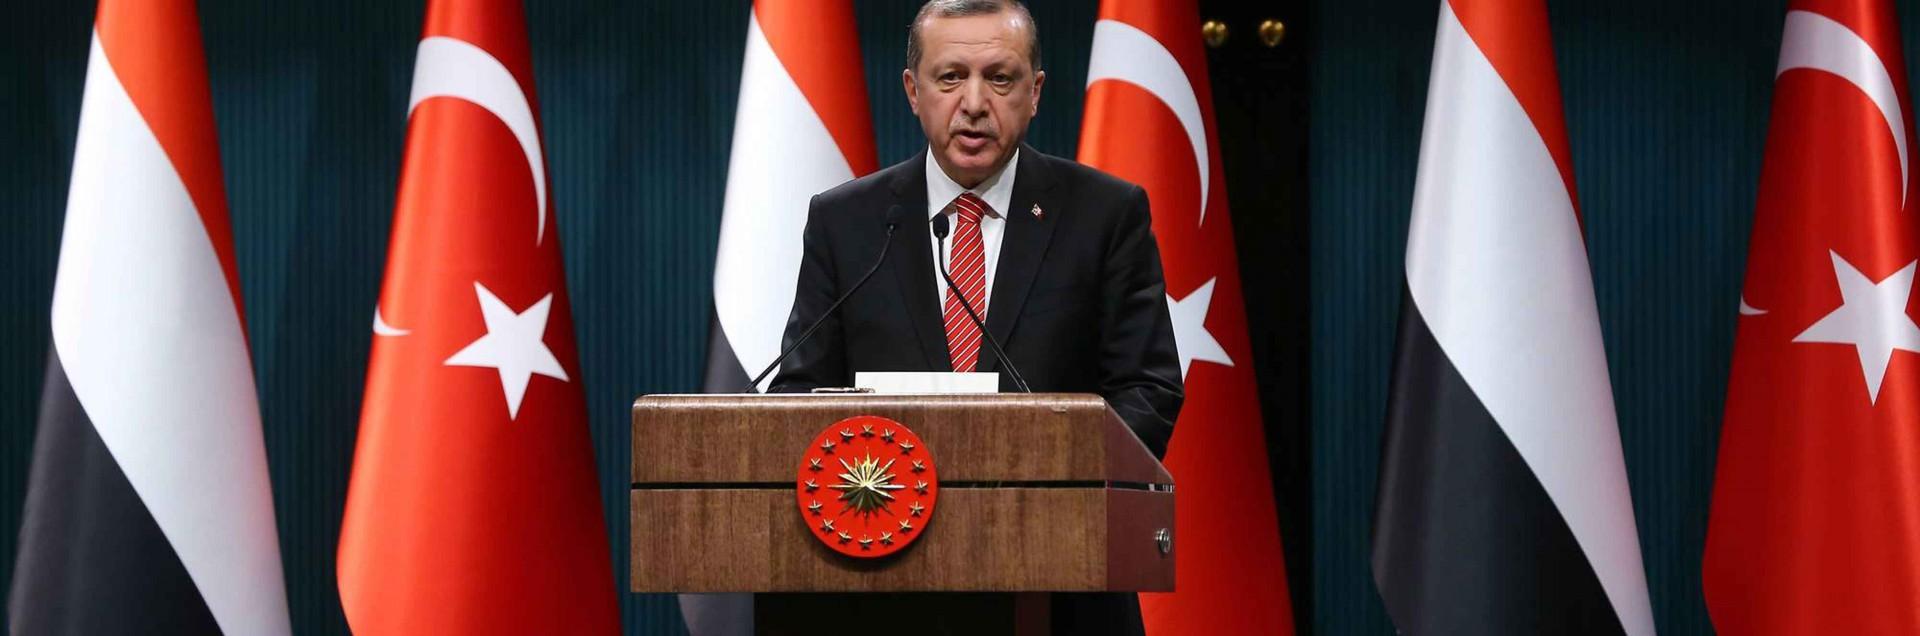 Erdogan vola da Putin